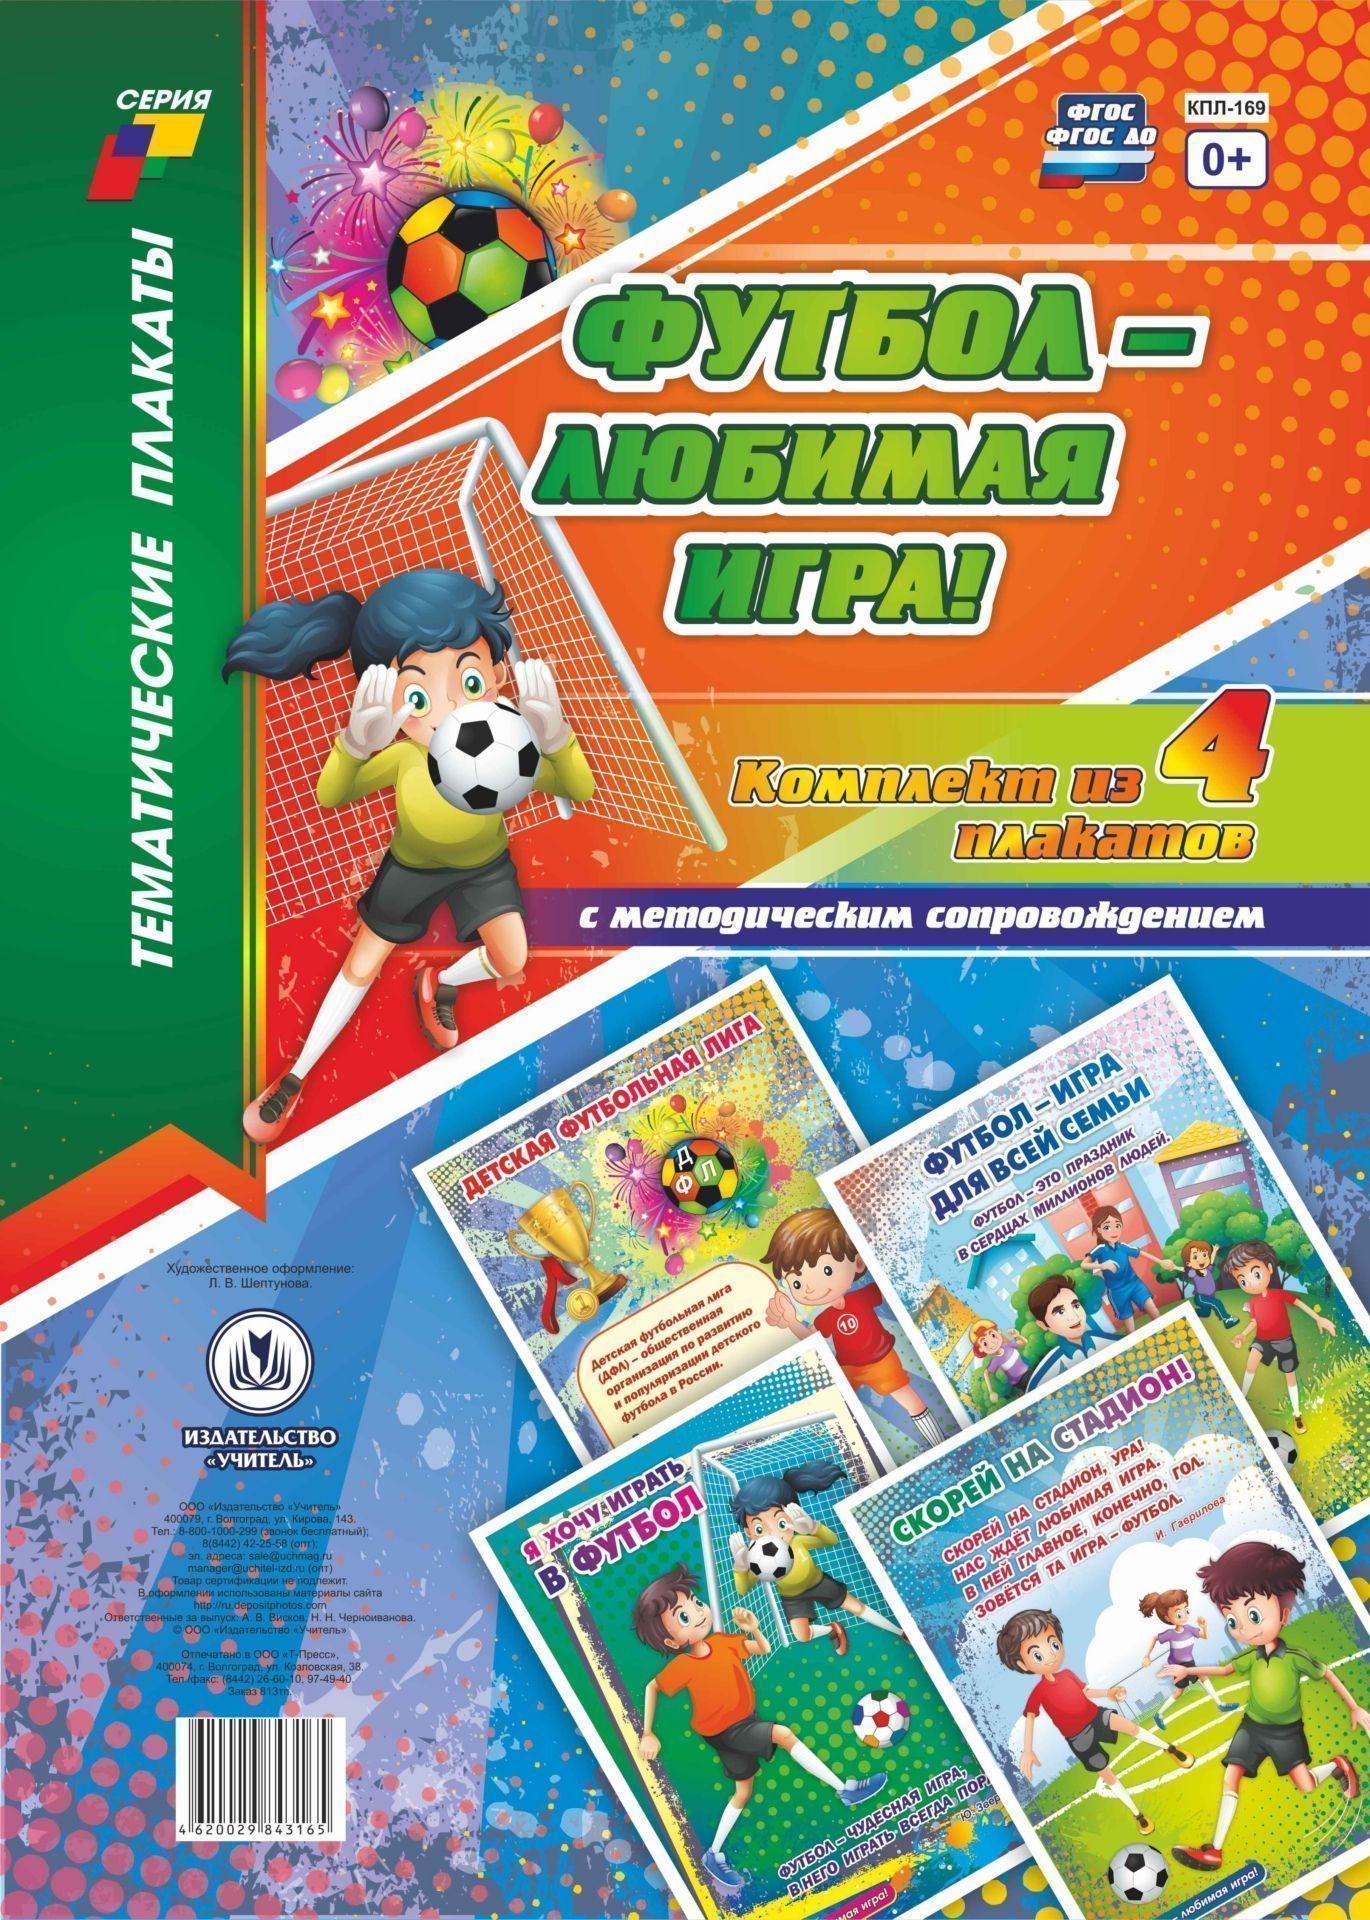 Комплект плакатов Футбол - любимая игра!: 4 плаката с методическим сопровождением